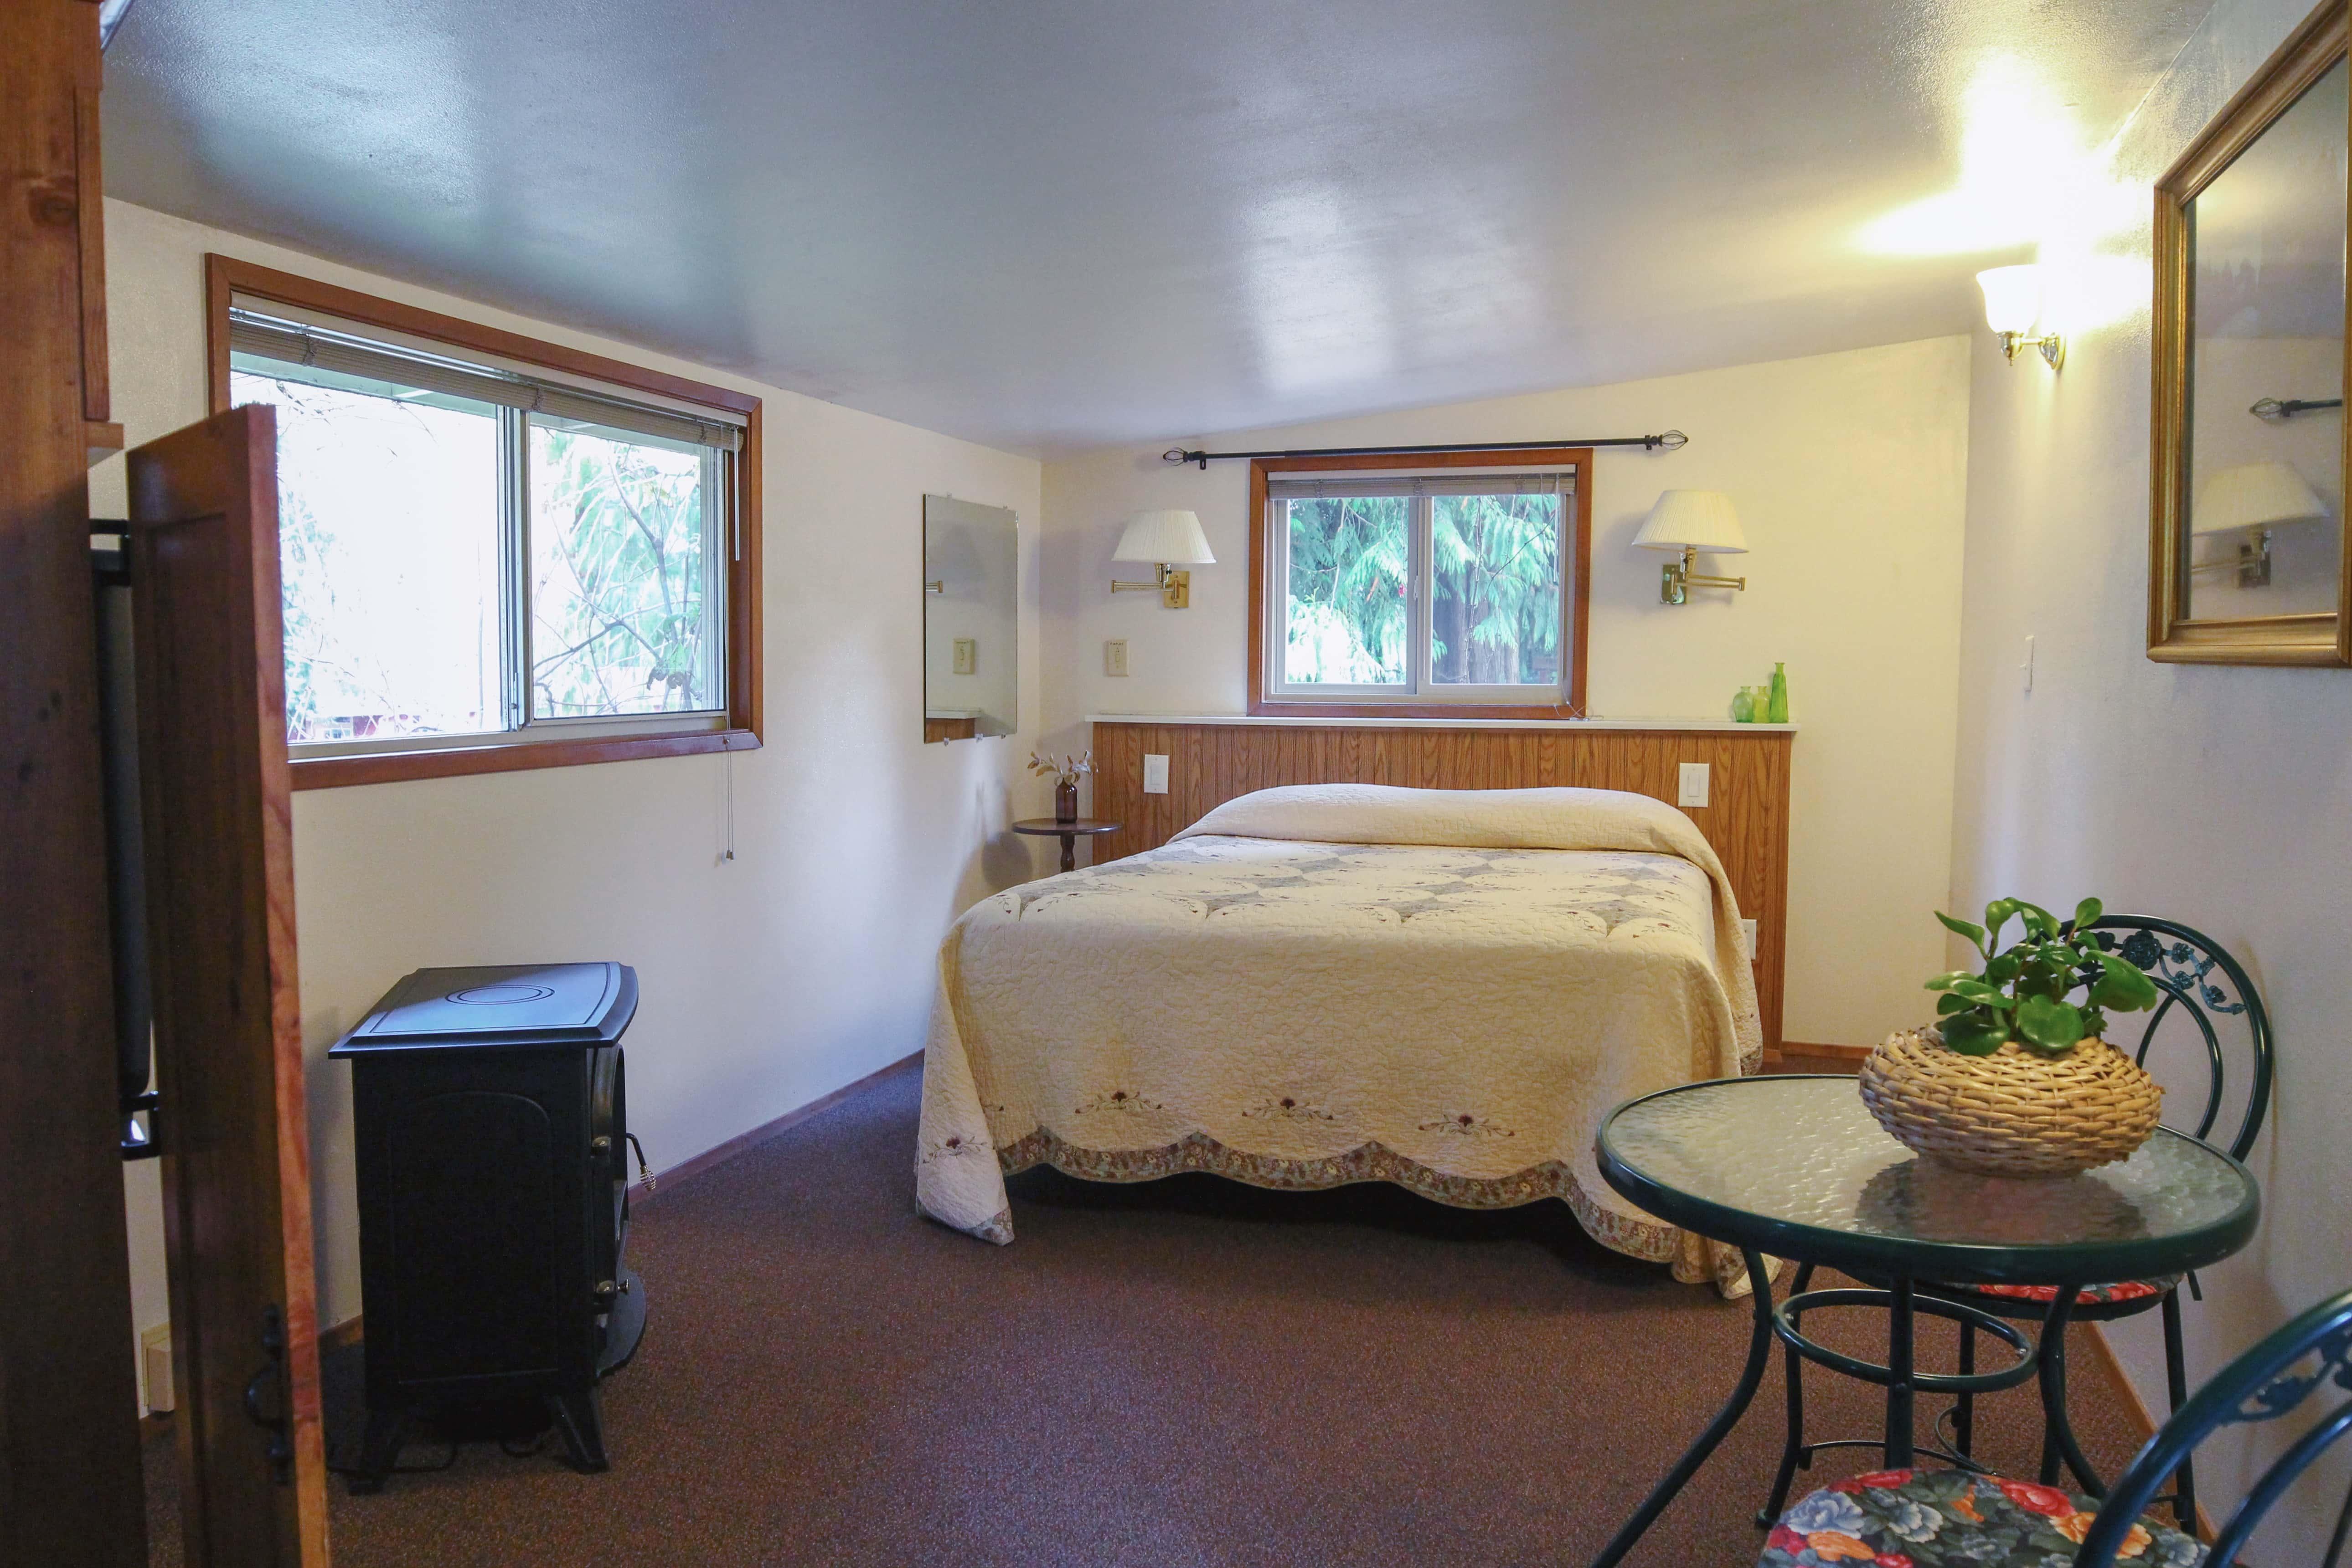 Emerald Valley Inn - Hemlock Suite Bedroom